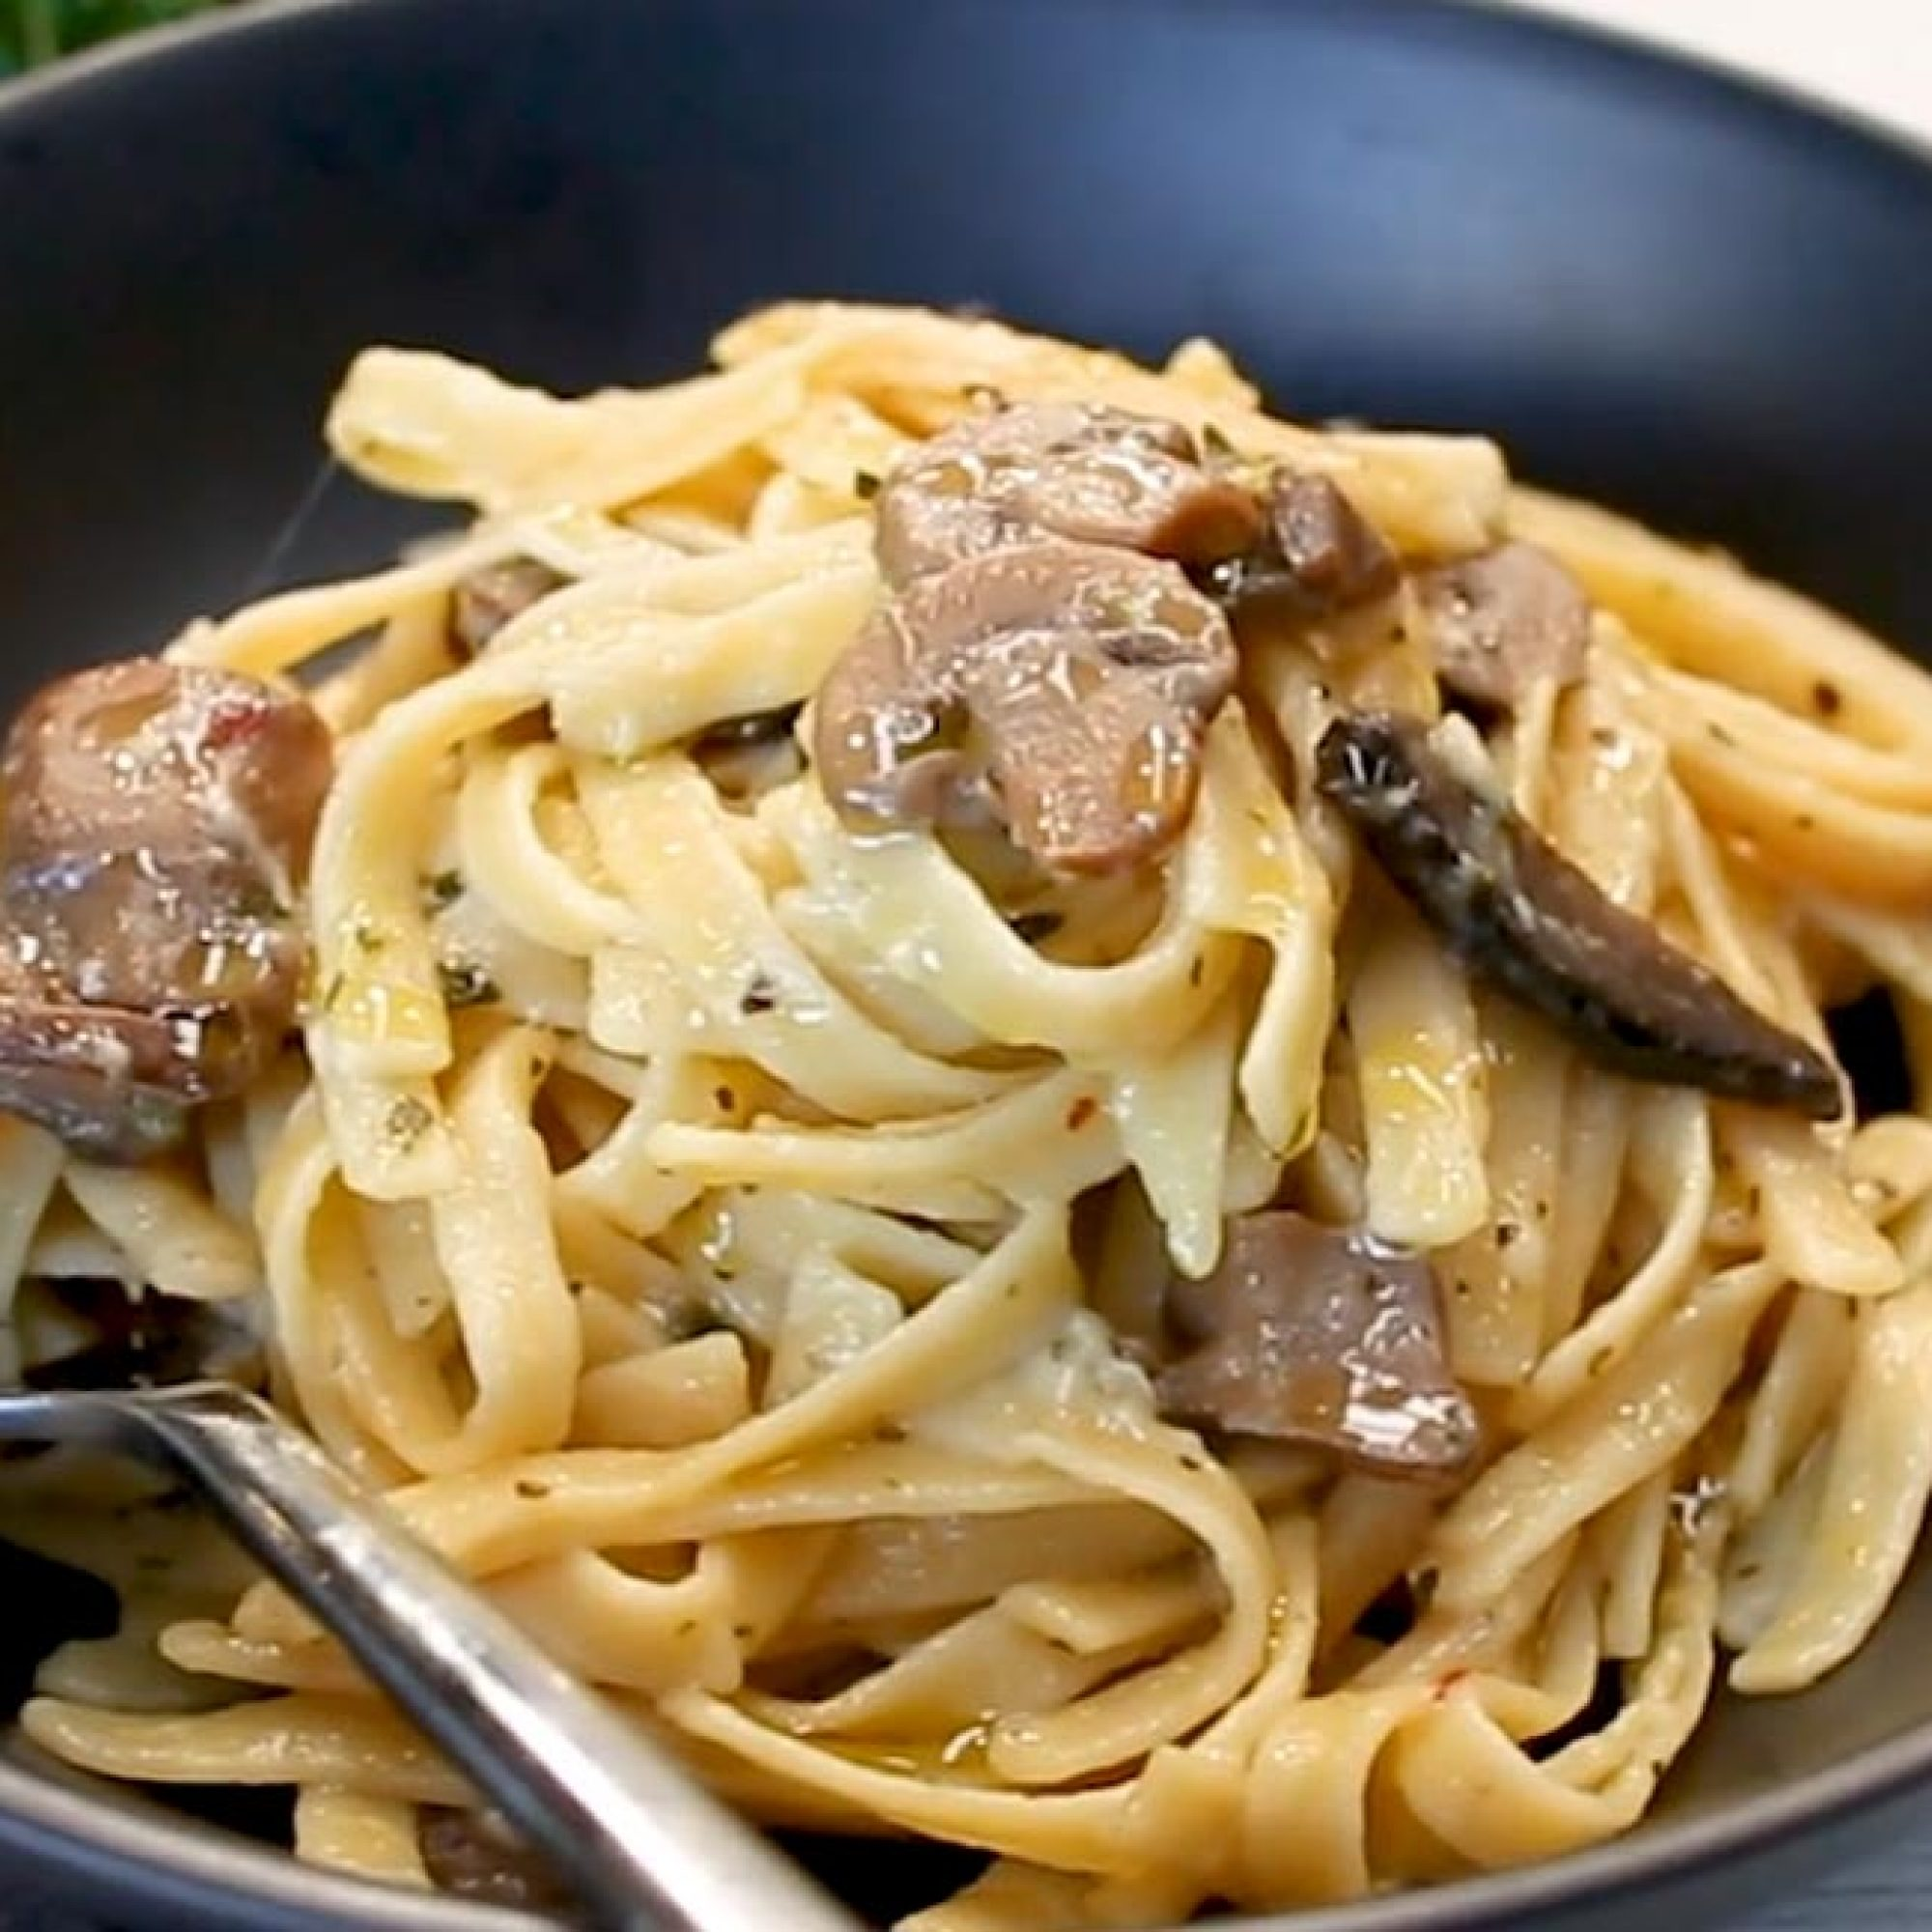 Mushroom and Garlic Fettuccine